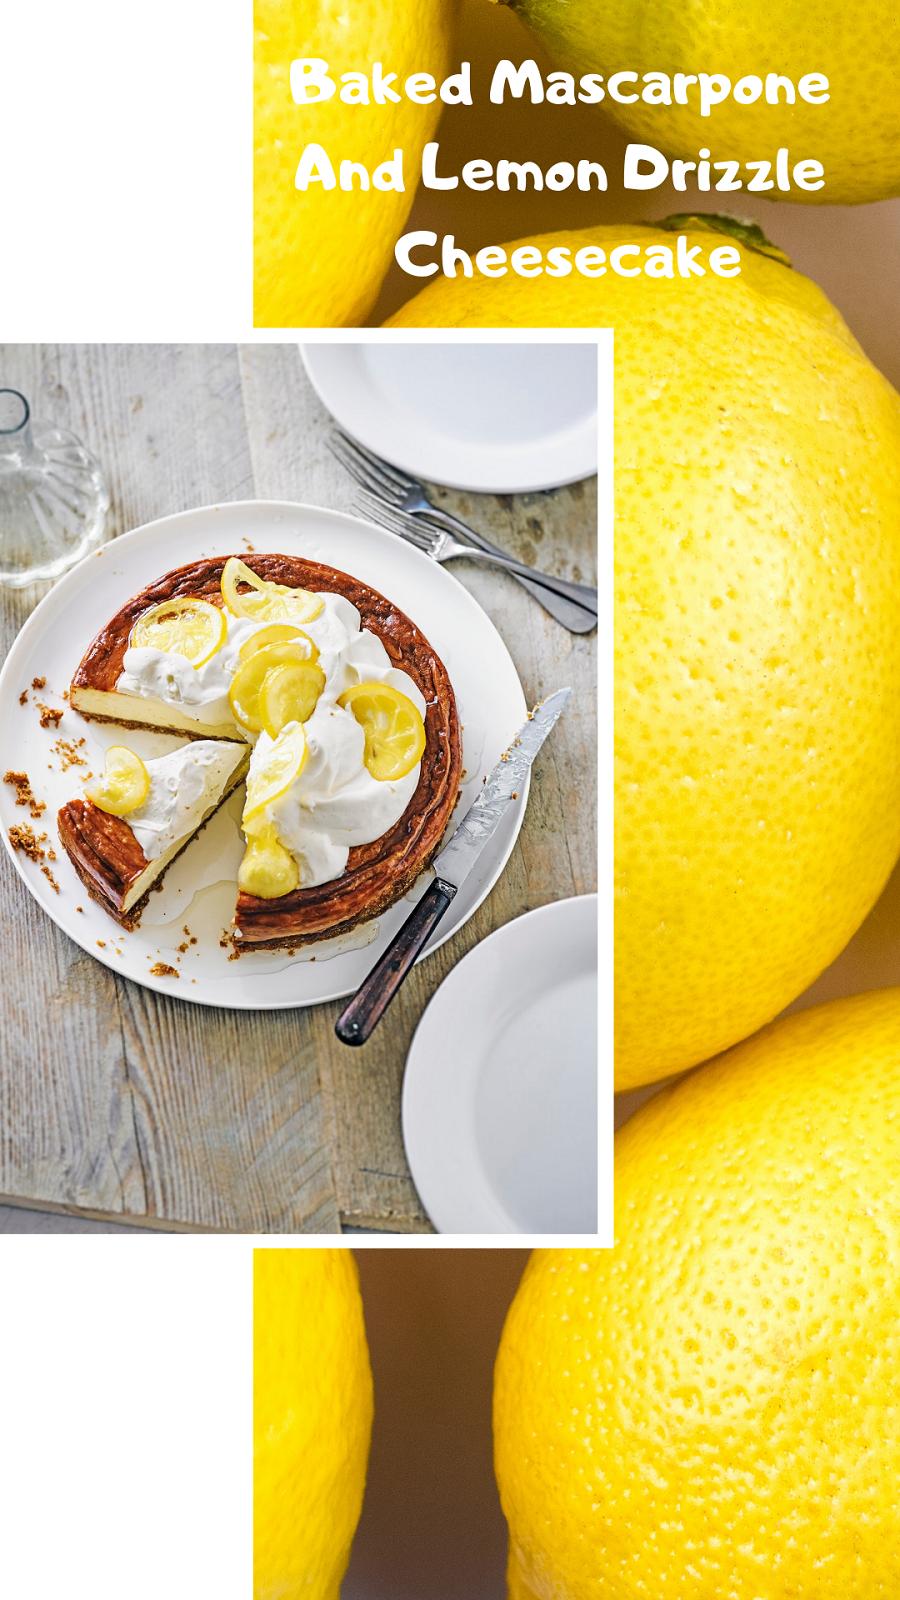 Baked Mascarpone And Lemon Drizzle Cheesecake